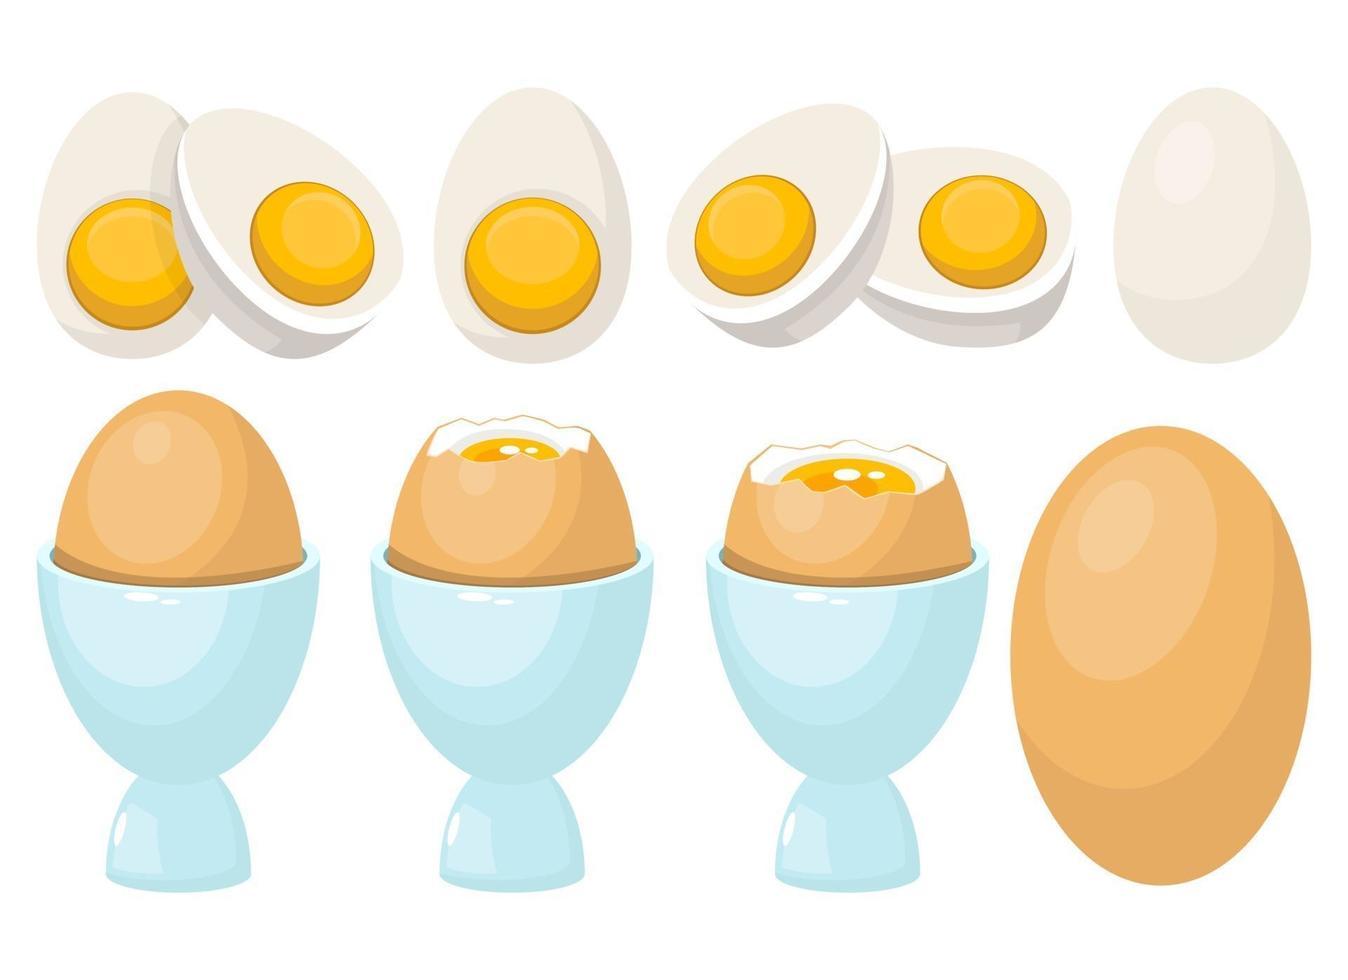 gekookt ei in ei houder vector ontwerp illustratie set geïsoleerd op een witte achtergrond